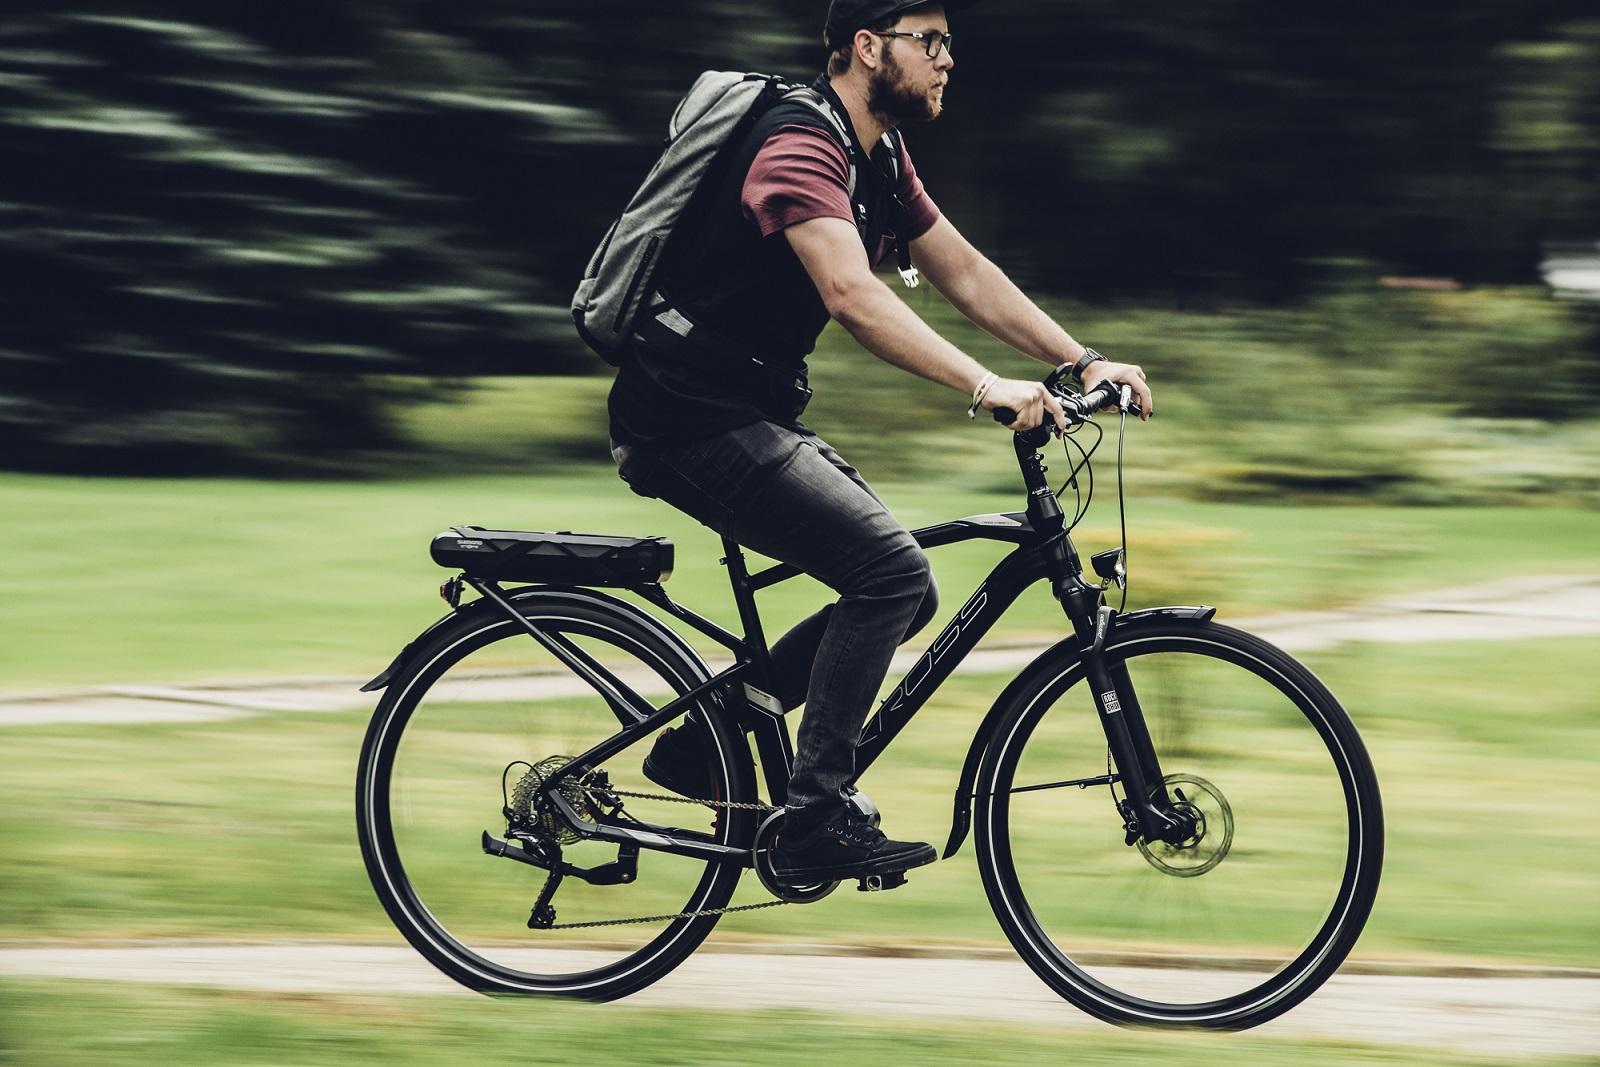 Włącz rower i sprawdź, jak lekko jedzie. KROSS zaprasza na testy eBike'ów